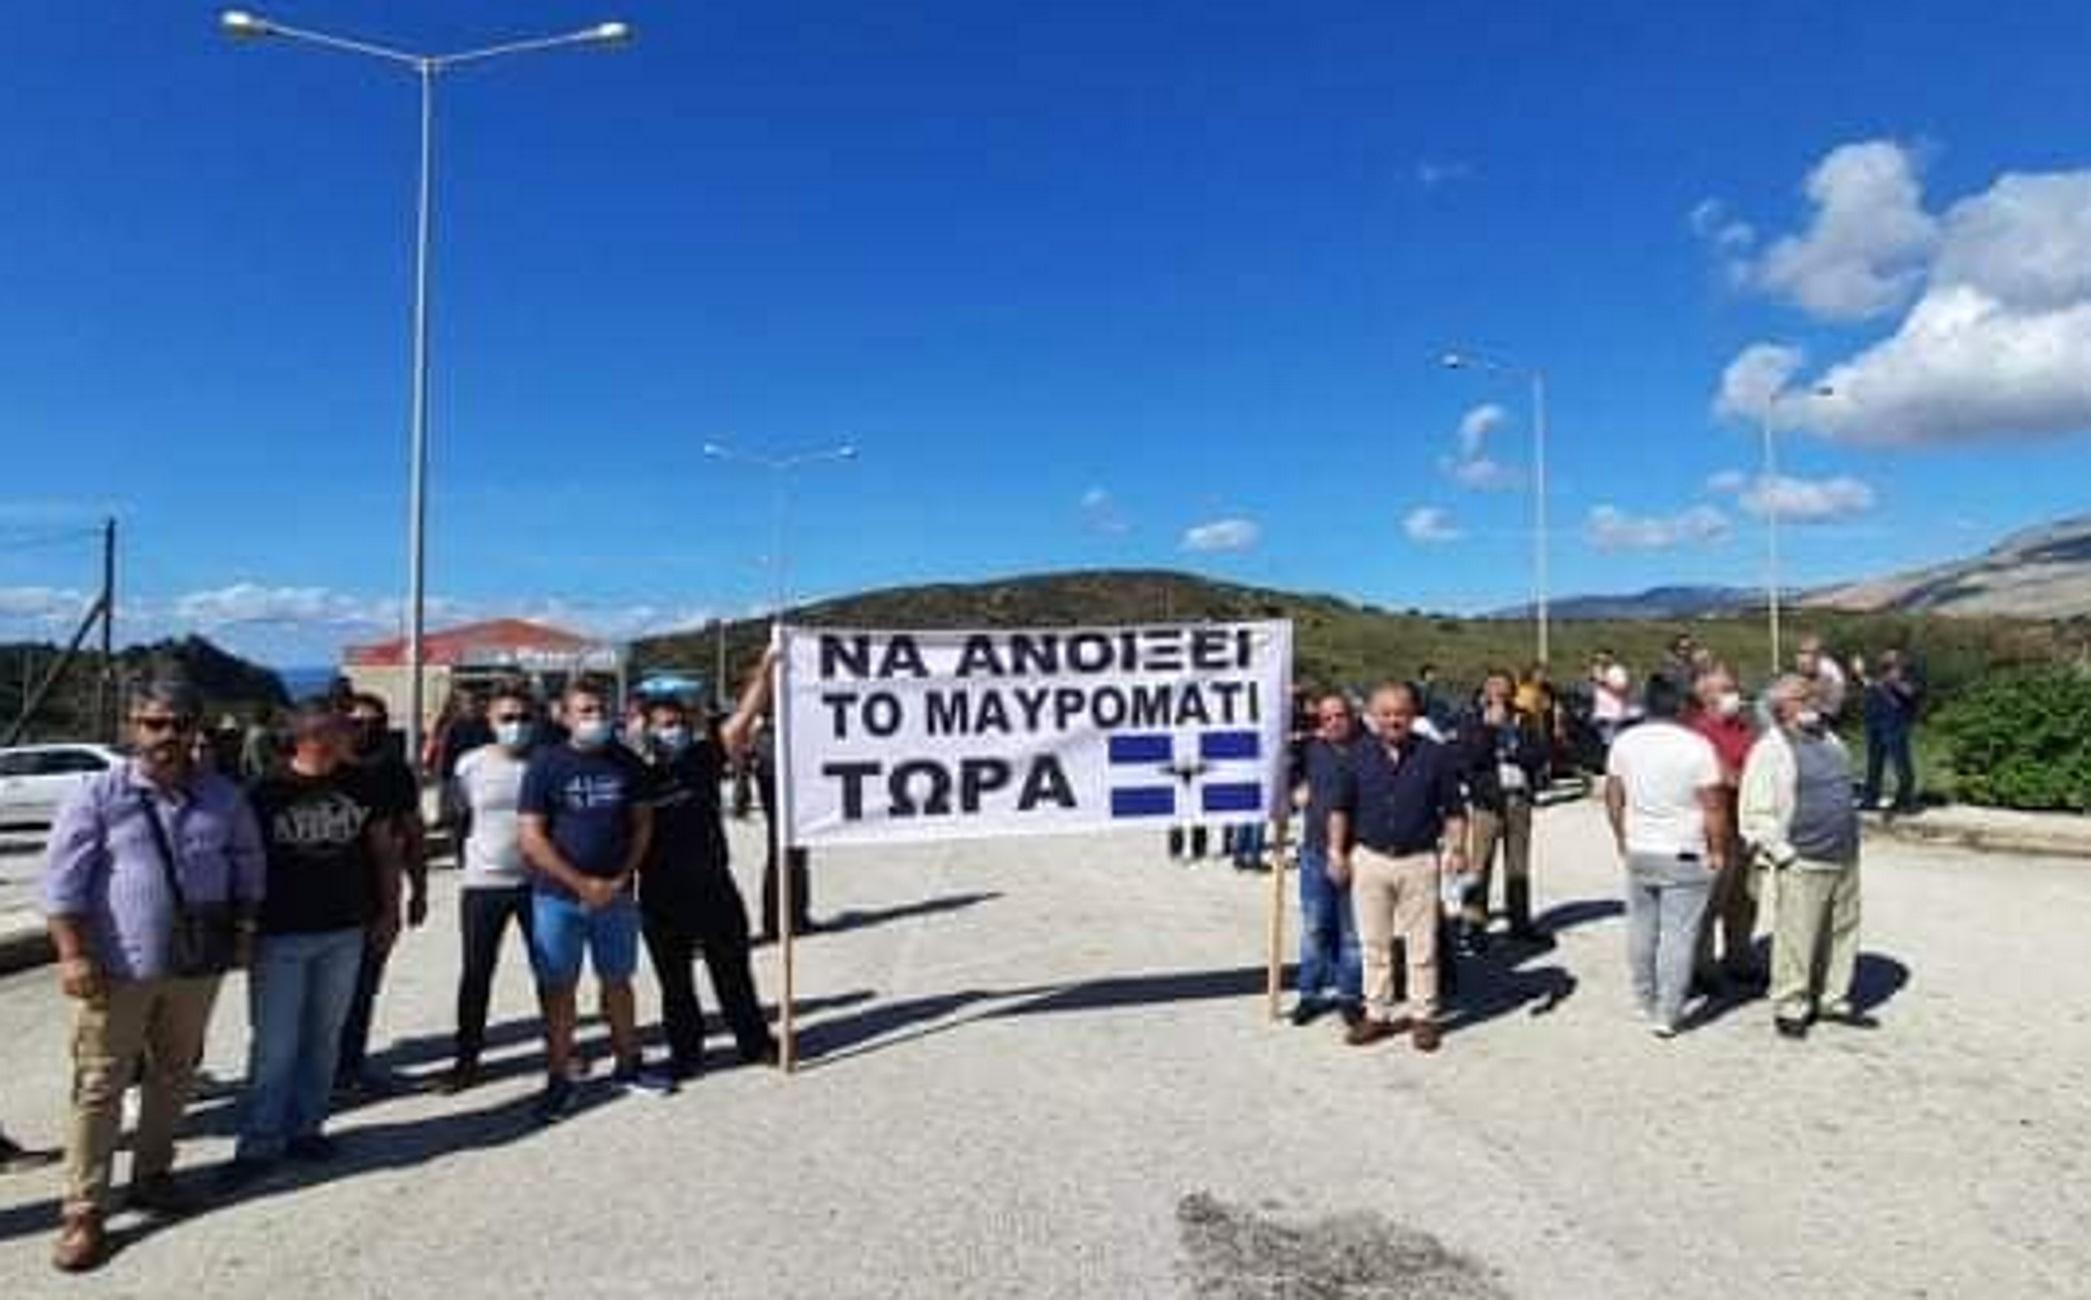 Θεσπρωτία: Συγκέντρωση διαμαρτυρίας για το άνοιγμα των συνόρων! Παραμένουν κλειστά από τις 22 Ιουλίου (Φωτό)